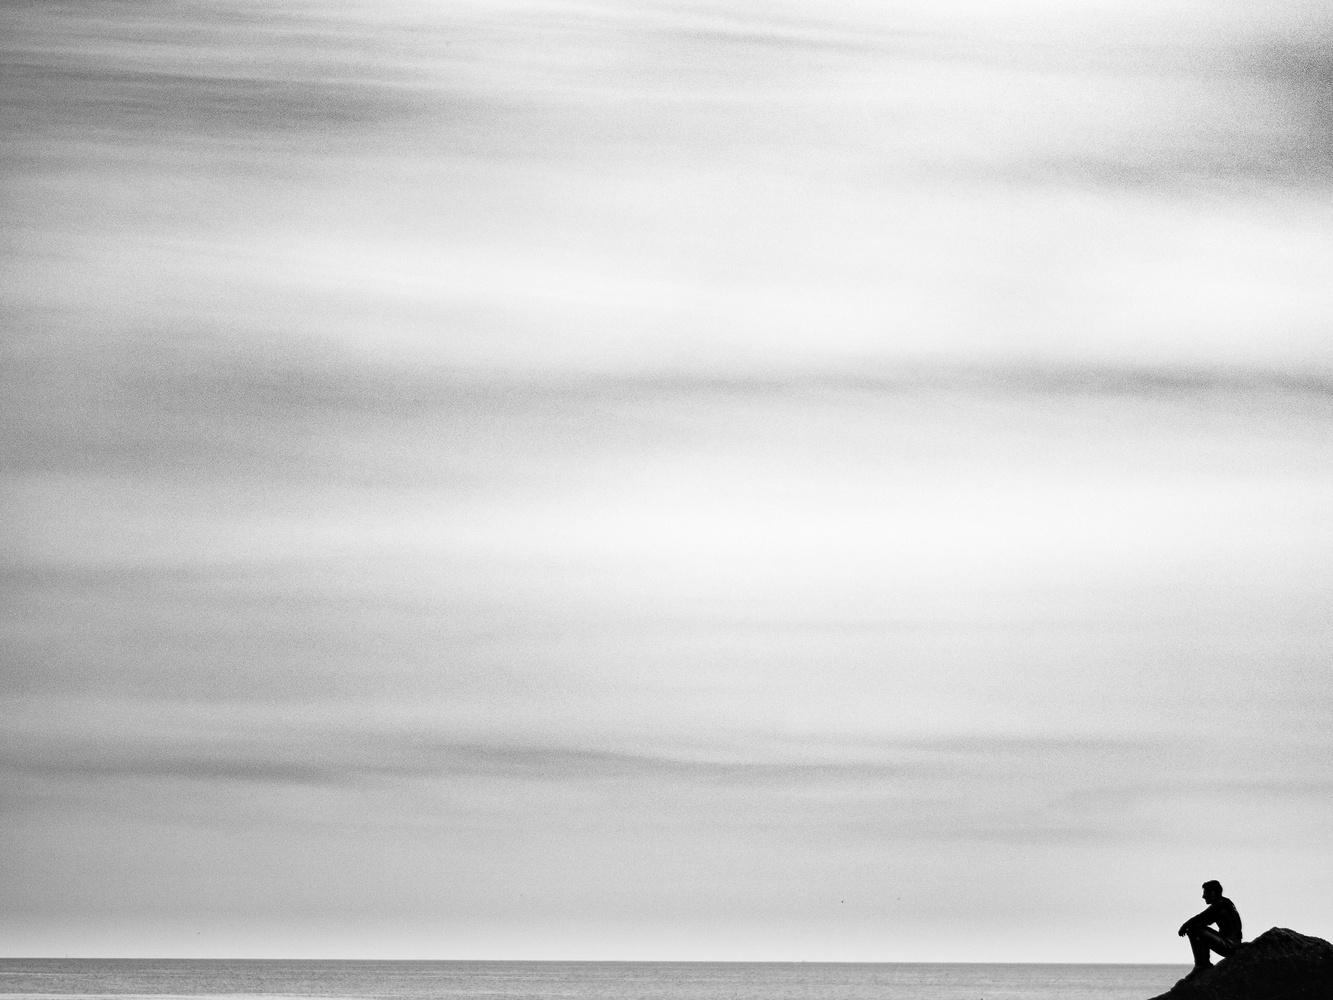 Traveler by Tomasz Kowalski